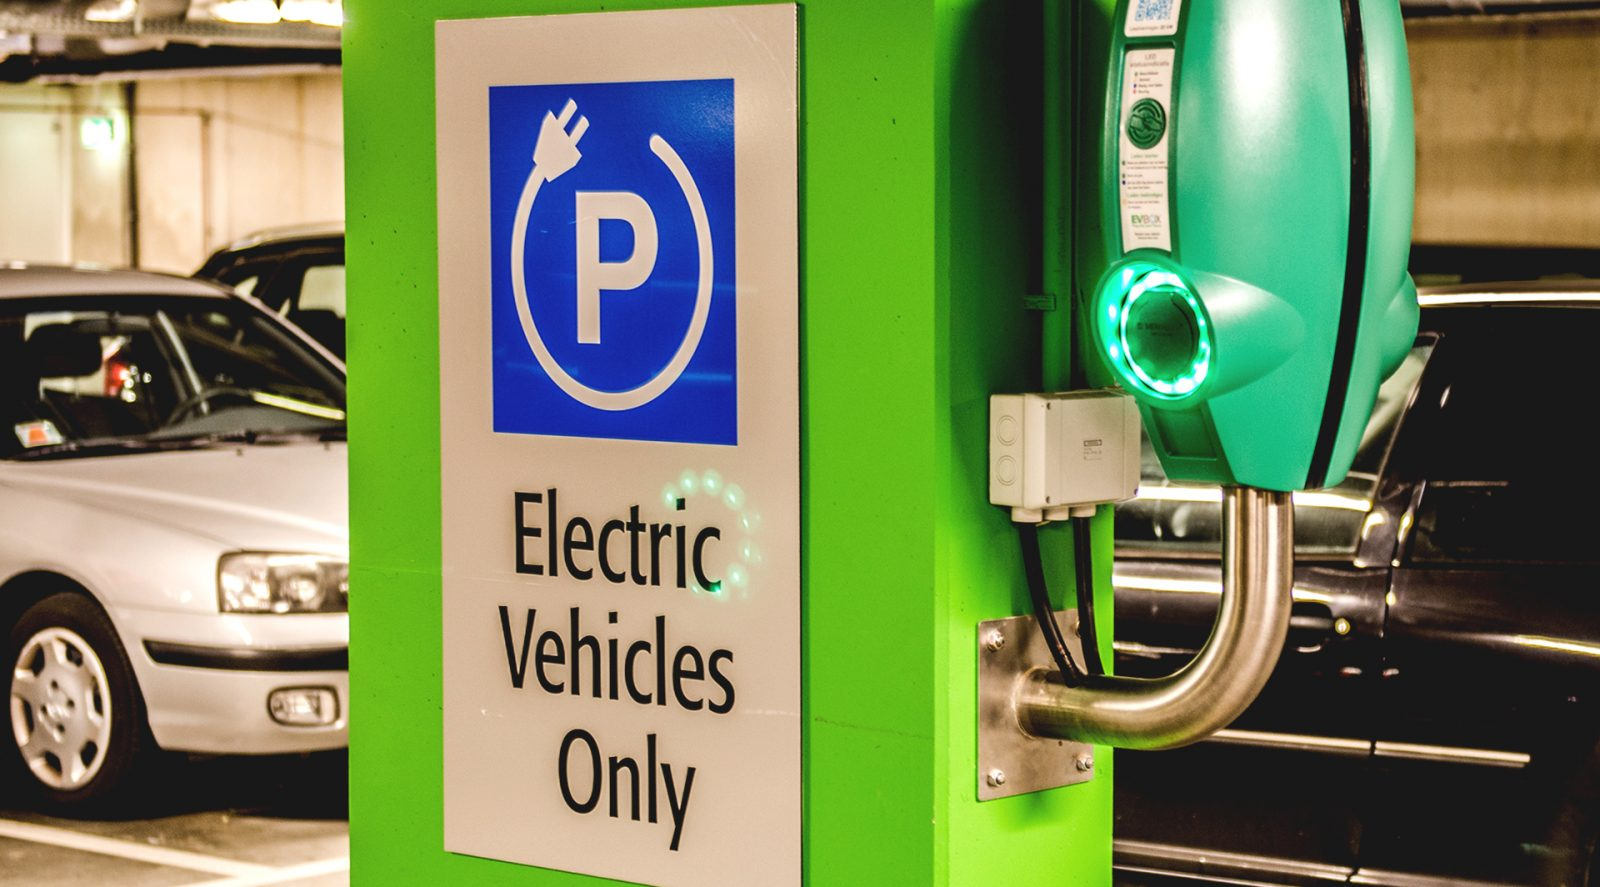 Kuva vihreästä sähköautojen latauspisteestä parkkihallissa. Taustalla musta ja valkoinen auto.